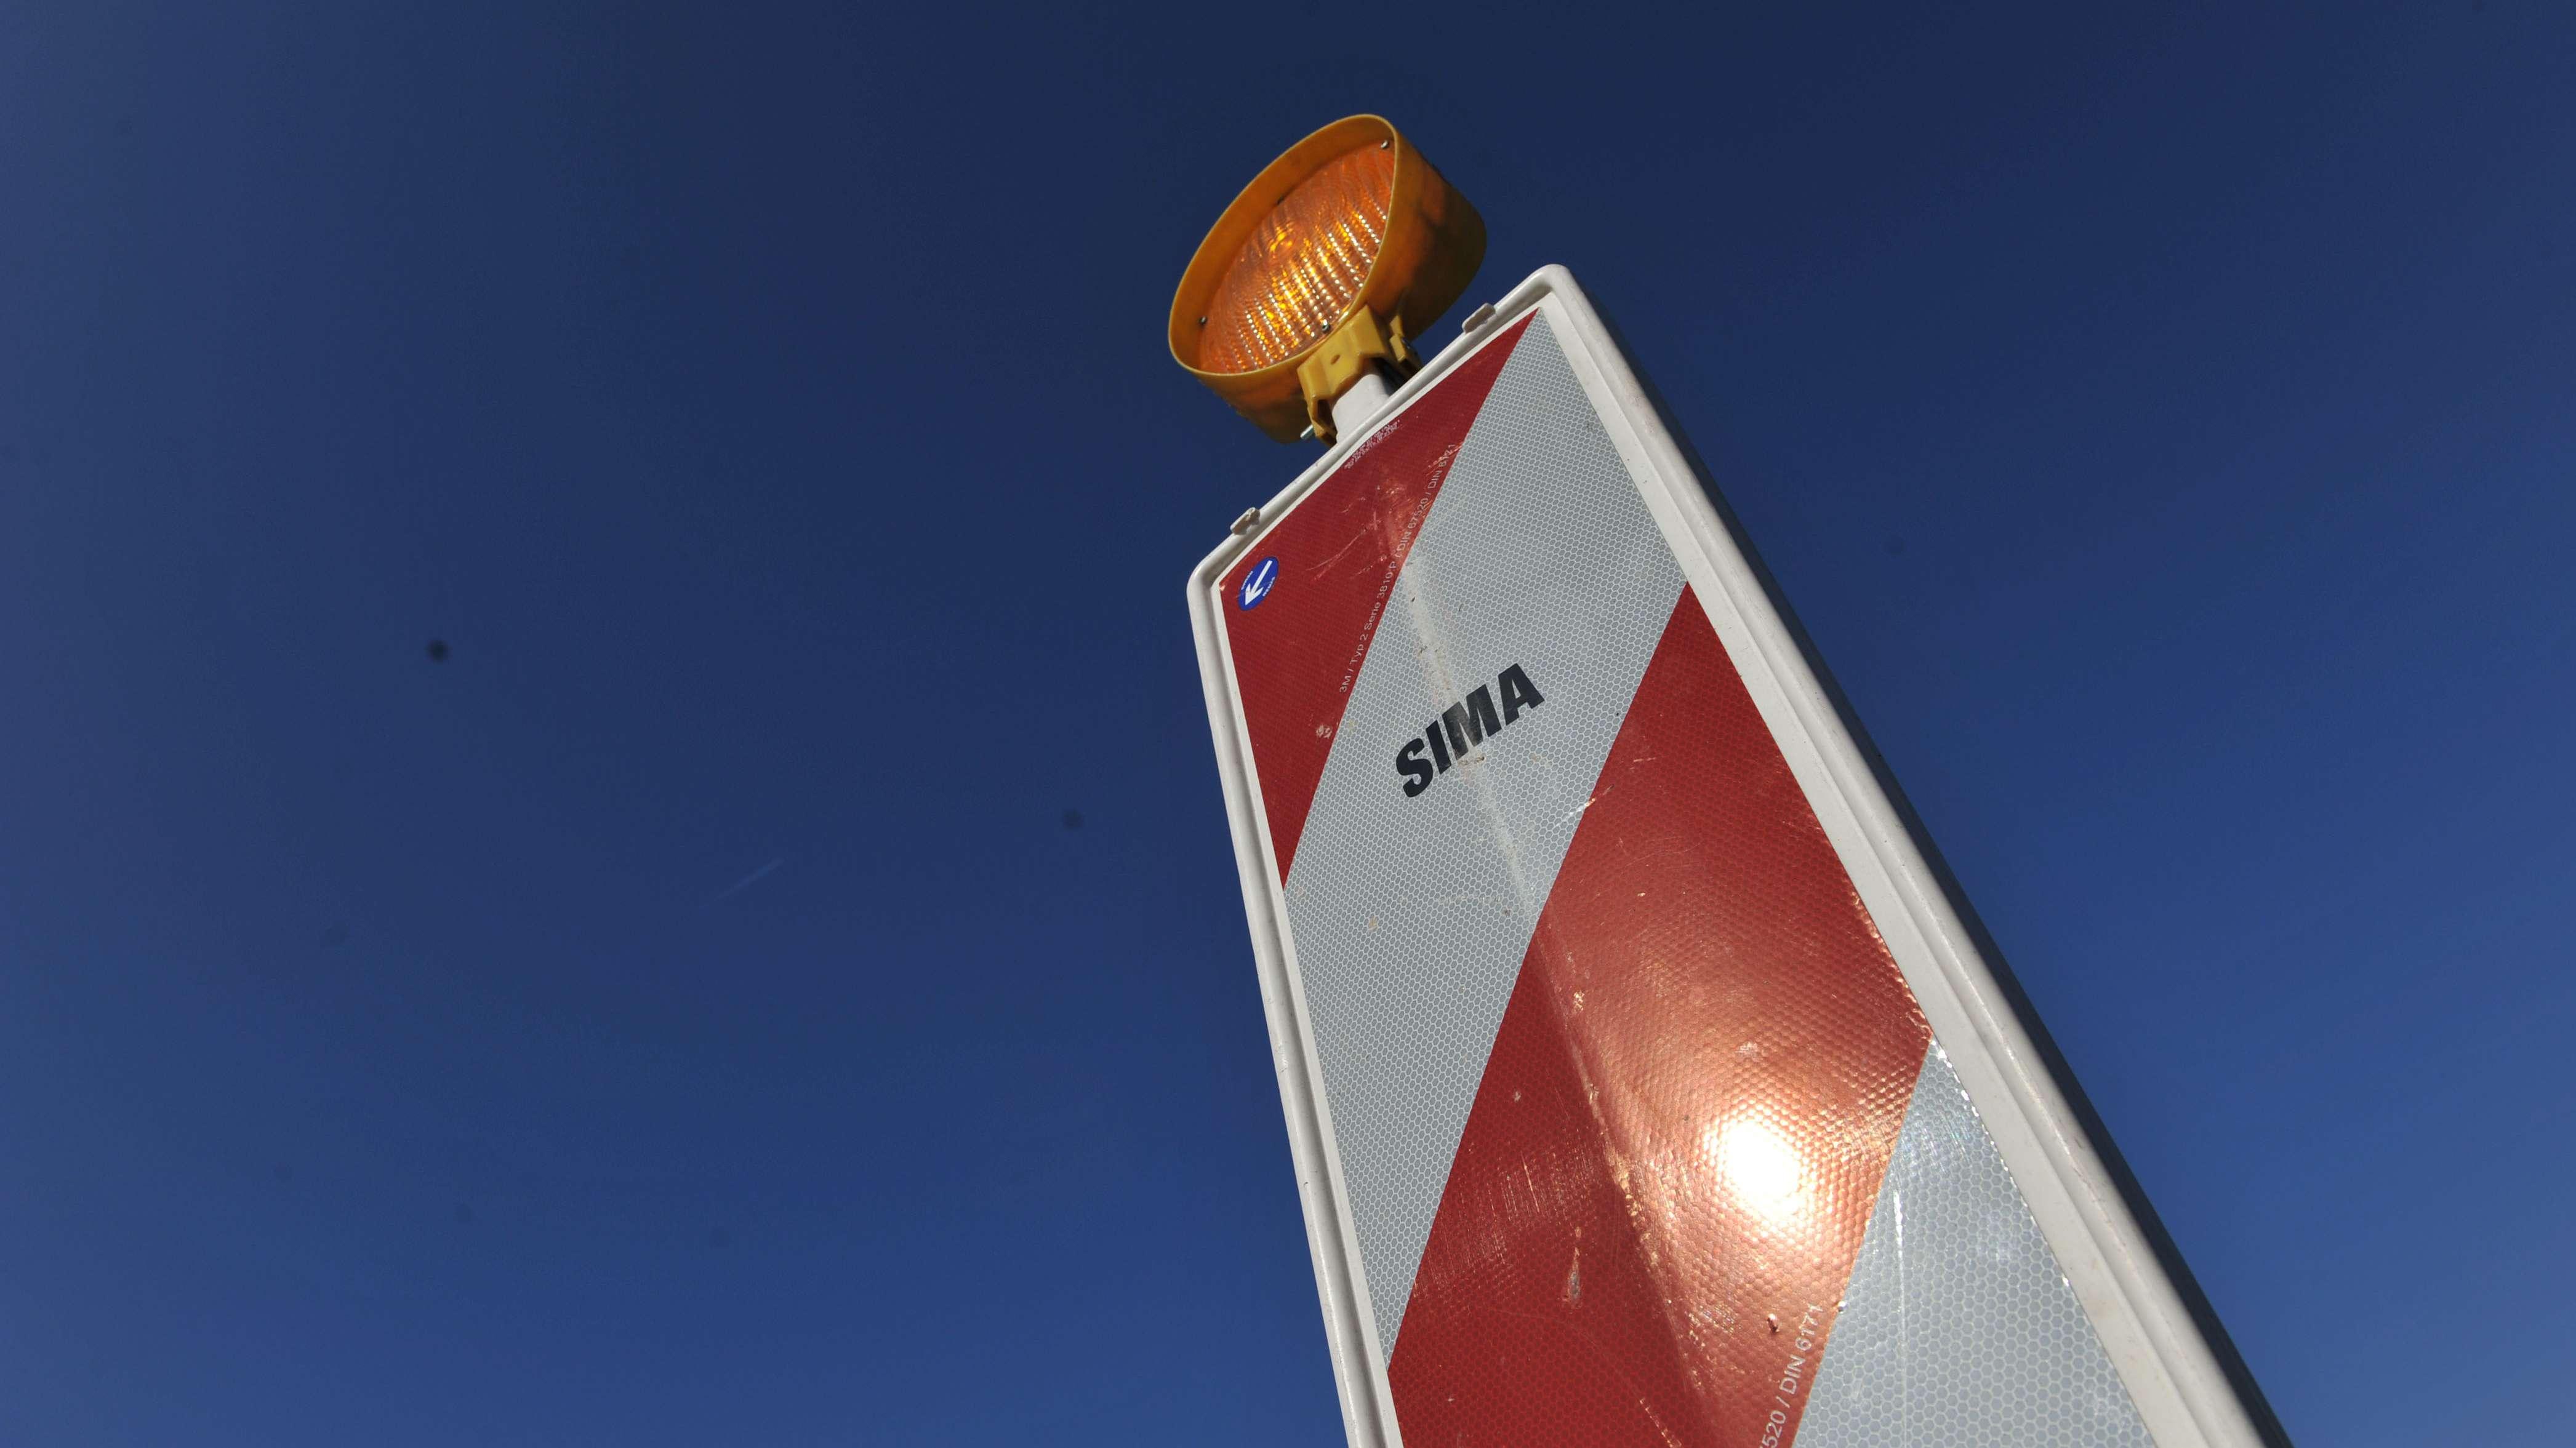 Zwischen den Anschlussstellen Mainburg und Wolnzach wird die A93 auf einer Länge von 17 Kilometern in beiden Fahrtrichtungen gesperrt.